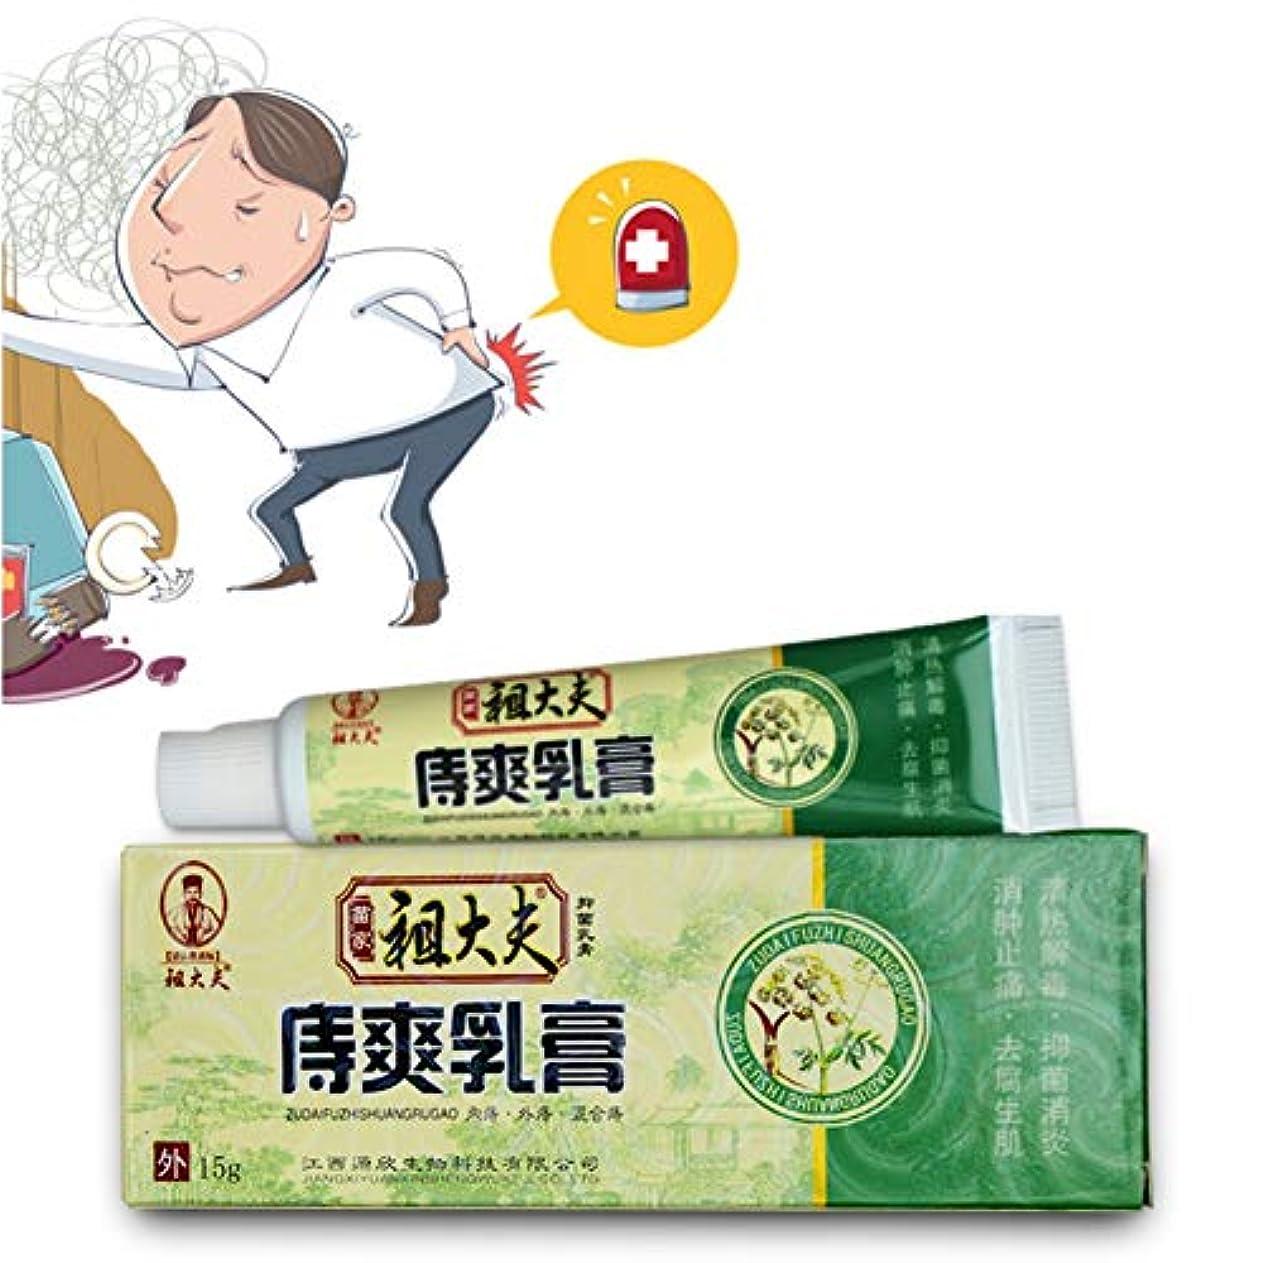 トランスペアレントミシン解明するBalai He軟膏 痛みのかゆみ肛門ケアクリーム 漢方薬製品 痔のクリーム 痔